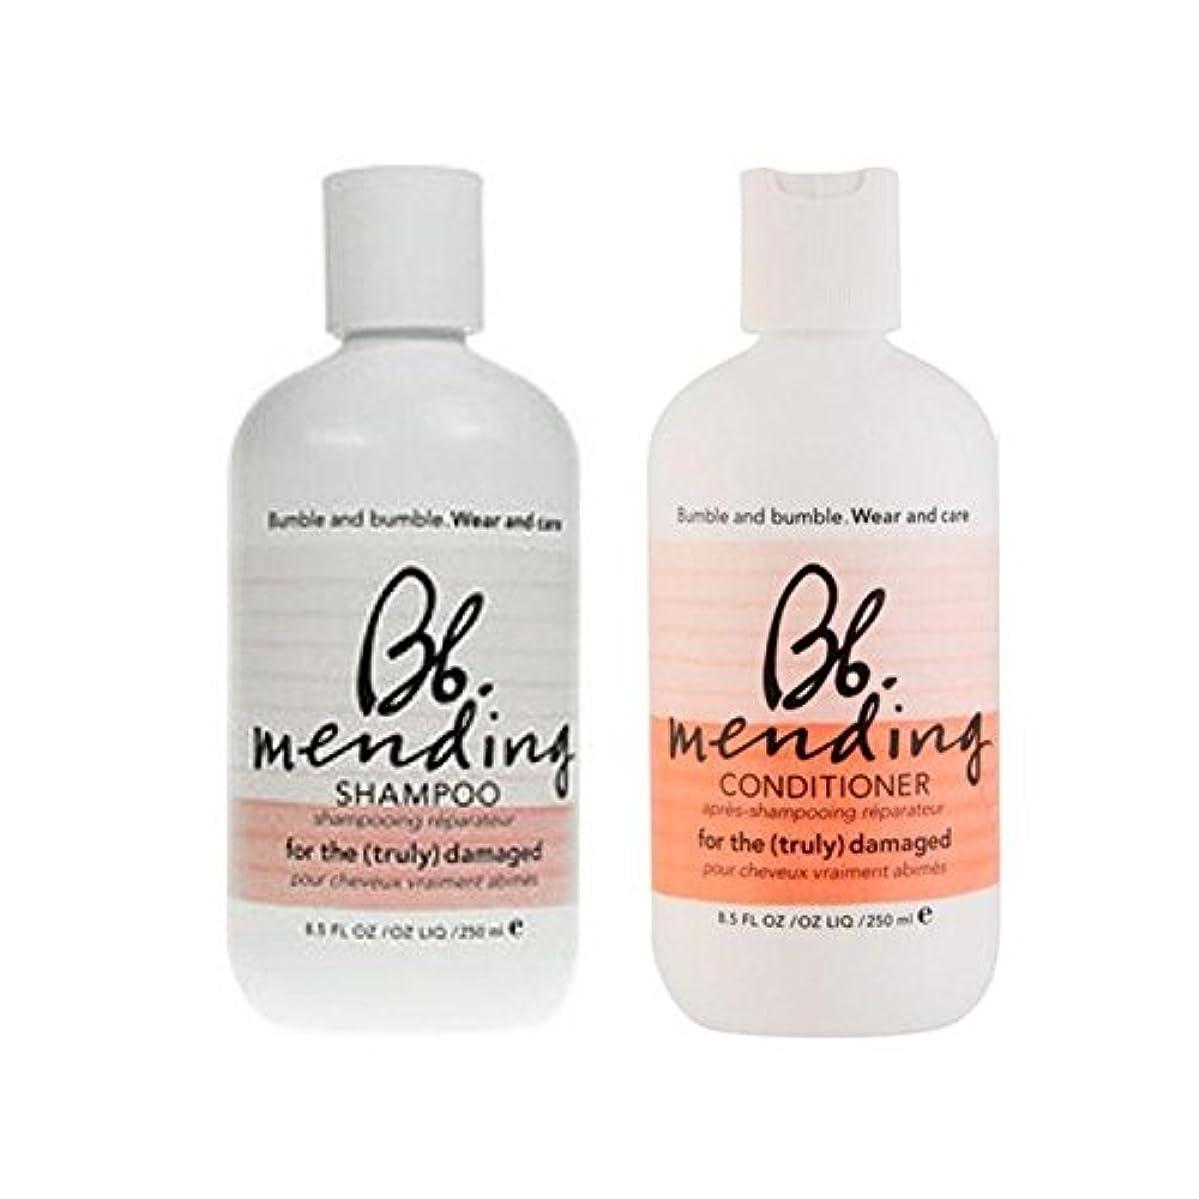 息苦しい法律によりハイブリッド着用し、-シャンプーとコンディショナーを補修ケア x2 - Bb Wear And Care Mending Duo- Shampoo And Conditioner (Pack of 2) [並行輸入品]